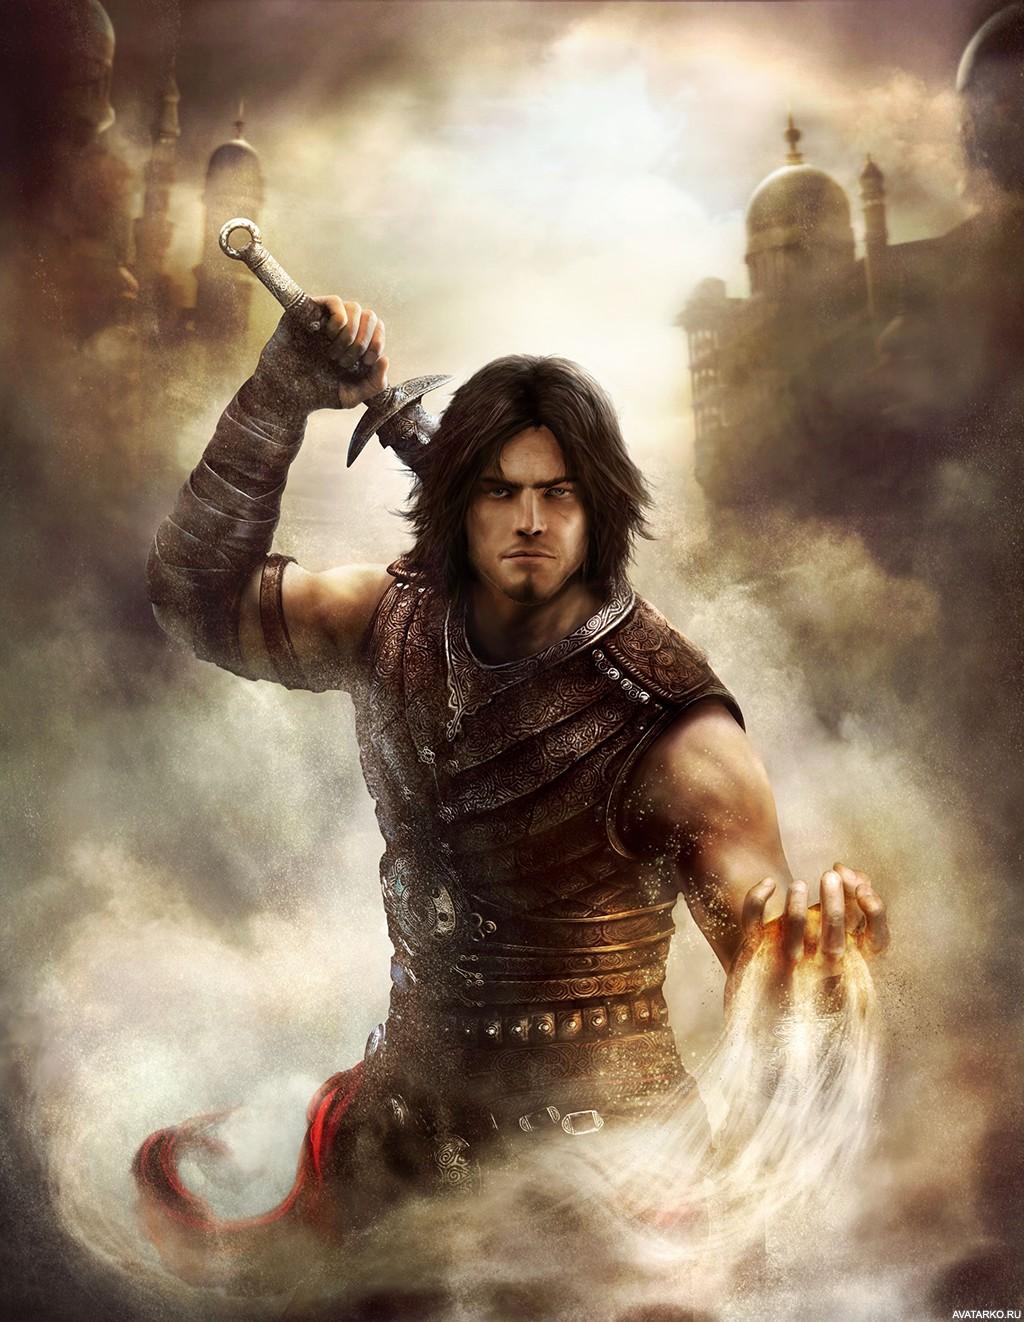 вязаную персонажи из принц персии в картинках построить лавочку профильной